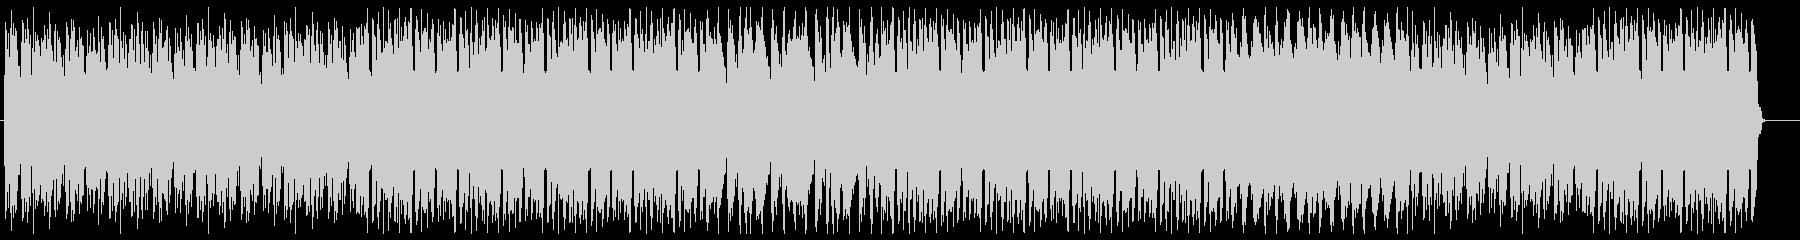 太いベース音からはじまるかっこいいEDMの未再生の波形